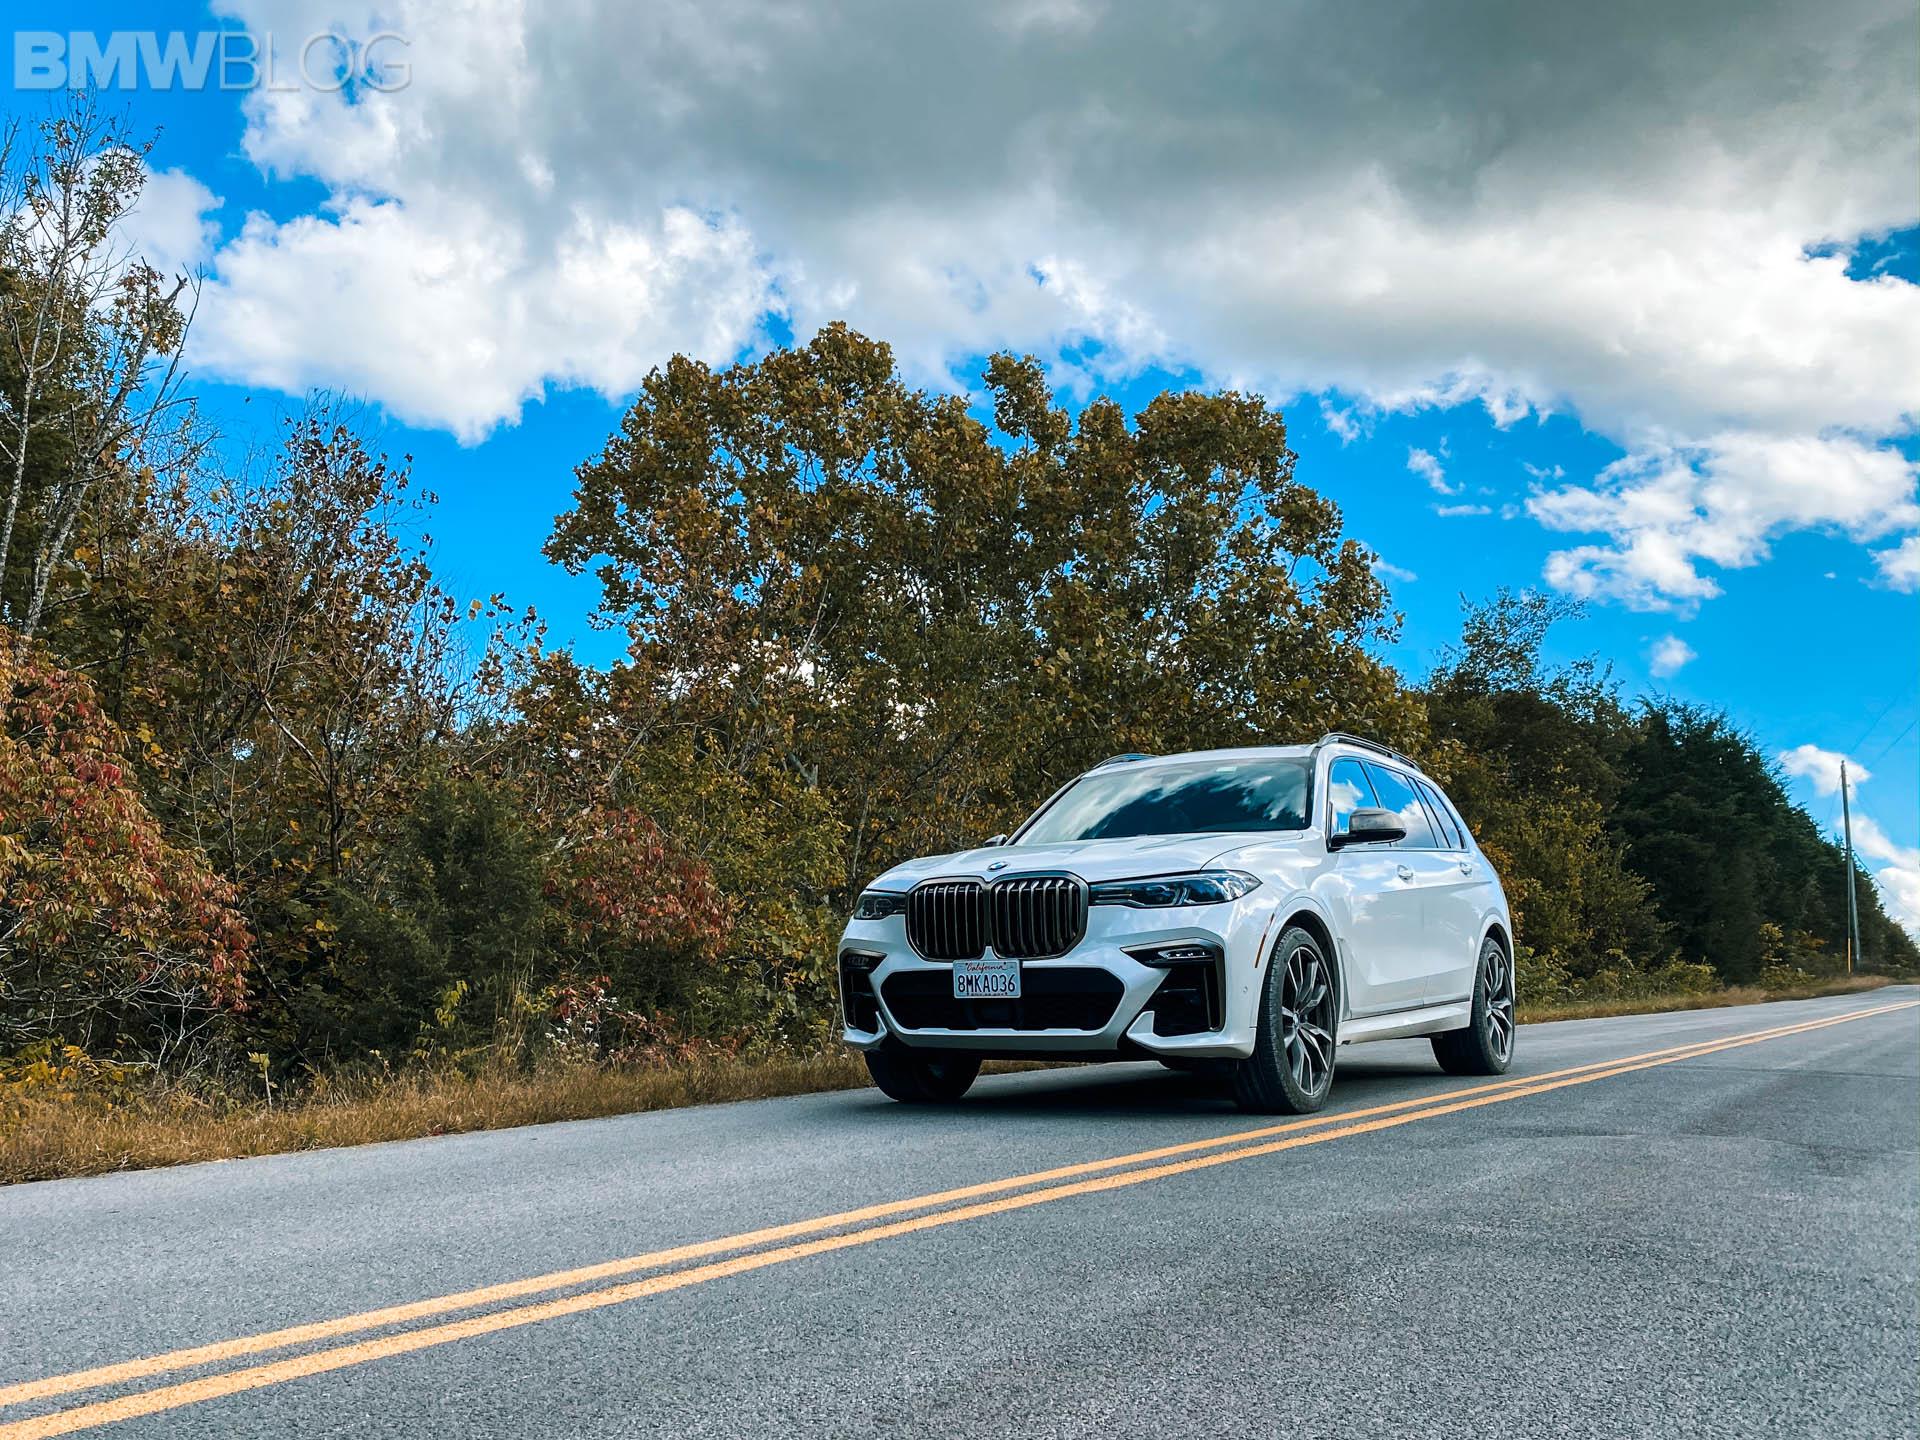 2020 bmw x7 m50i test drive 73